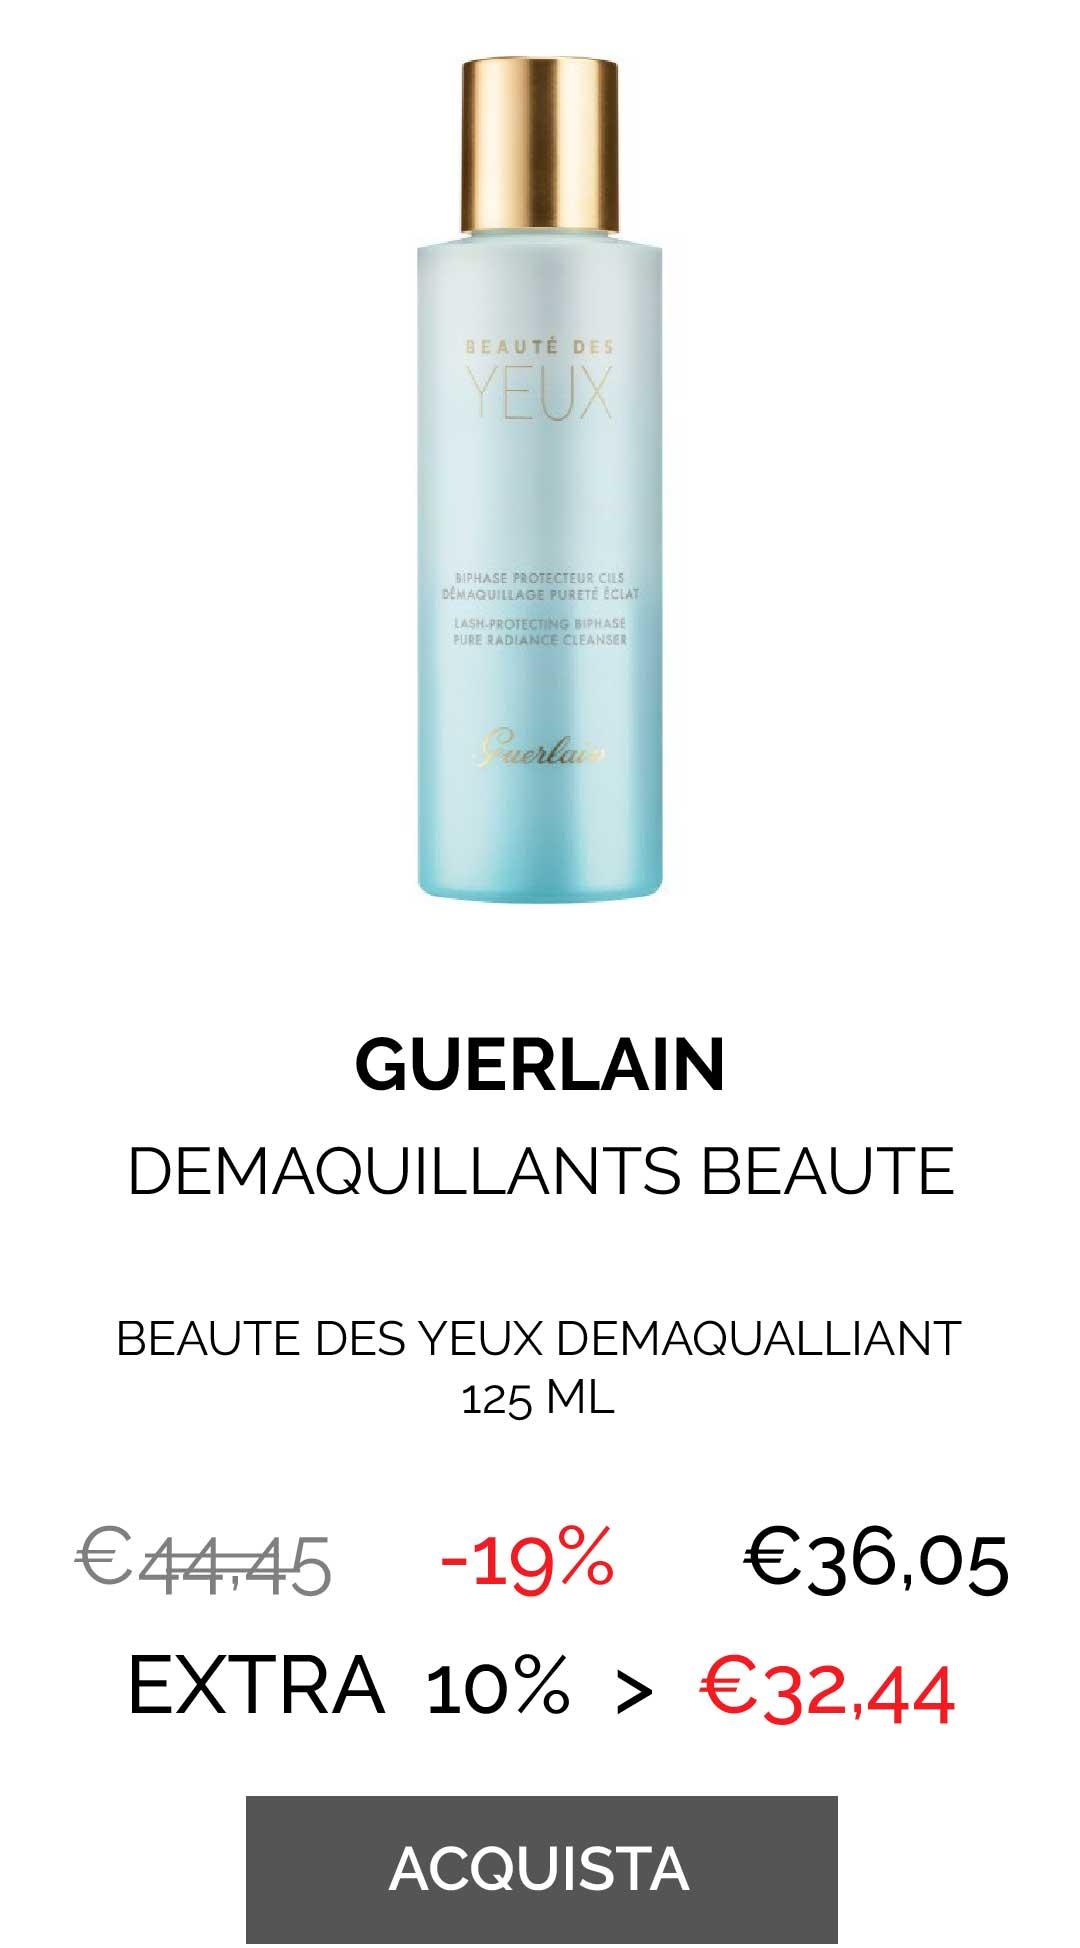 GUERLAIN - BEAUTE DES YEUX DEMAQUALLIANT 125 ML